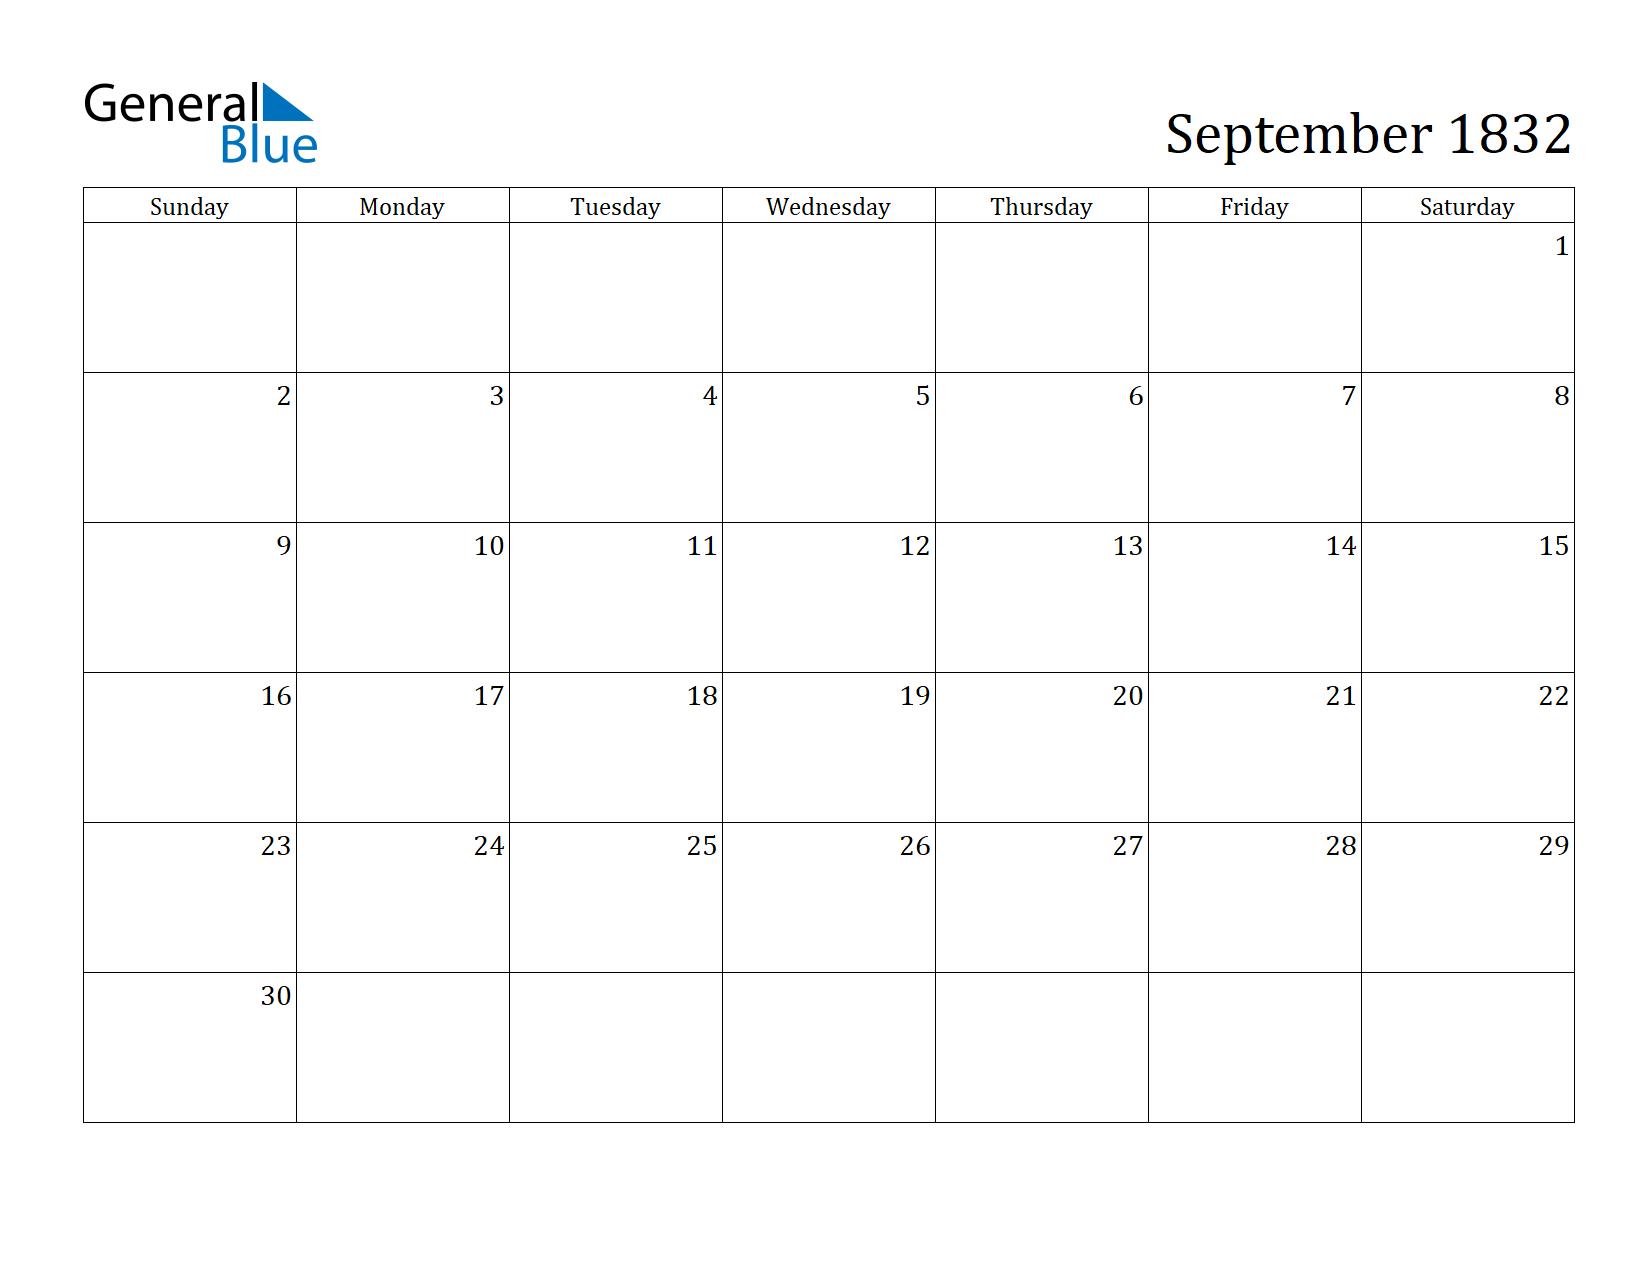 Image of September 1832 Calendar